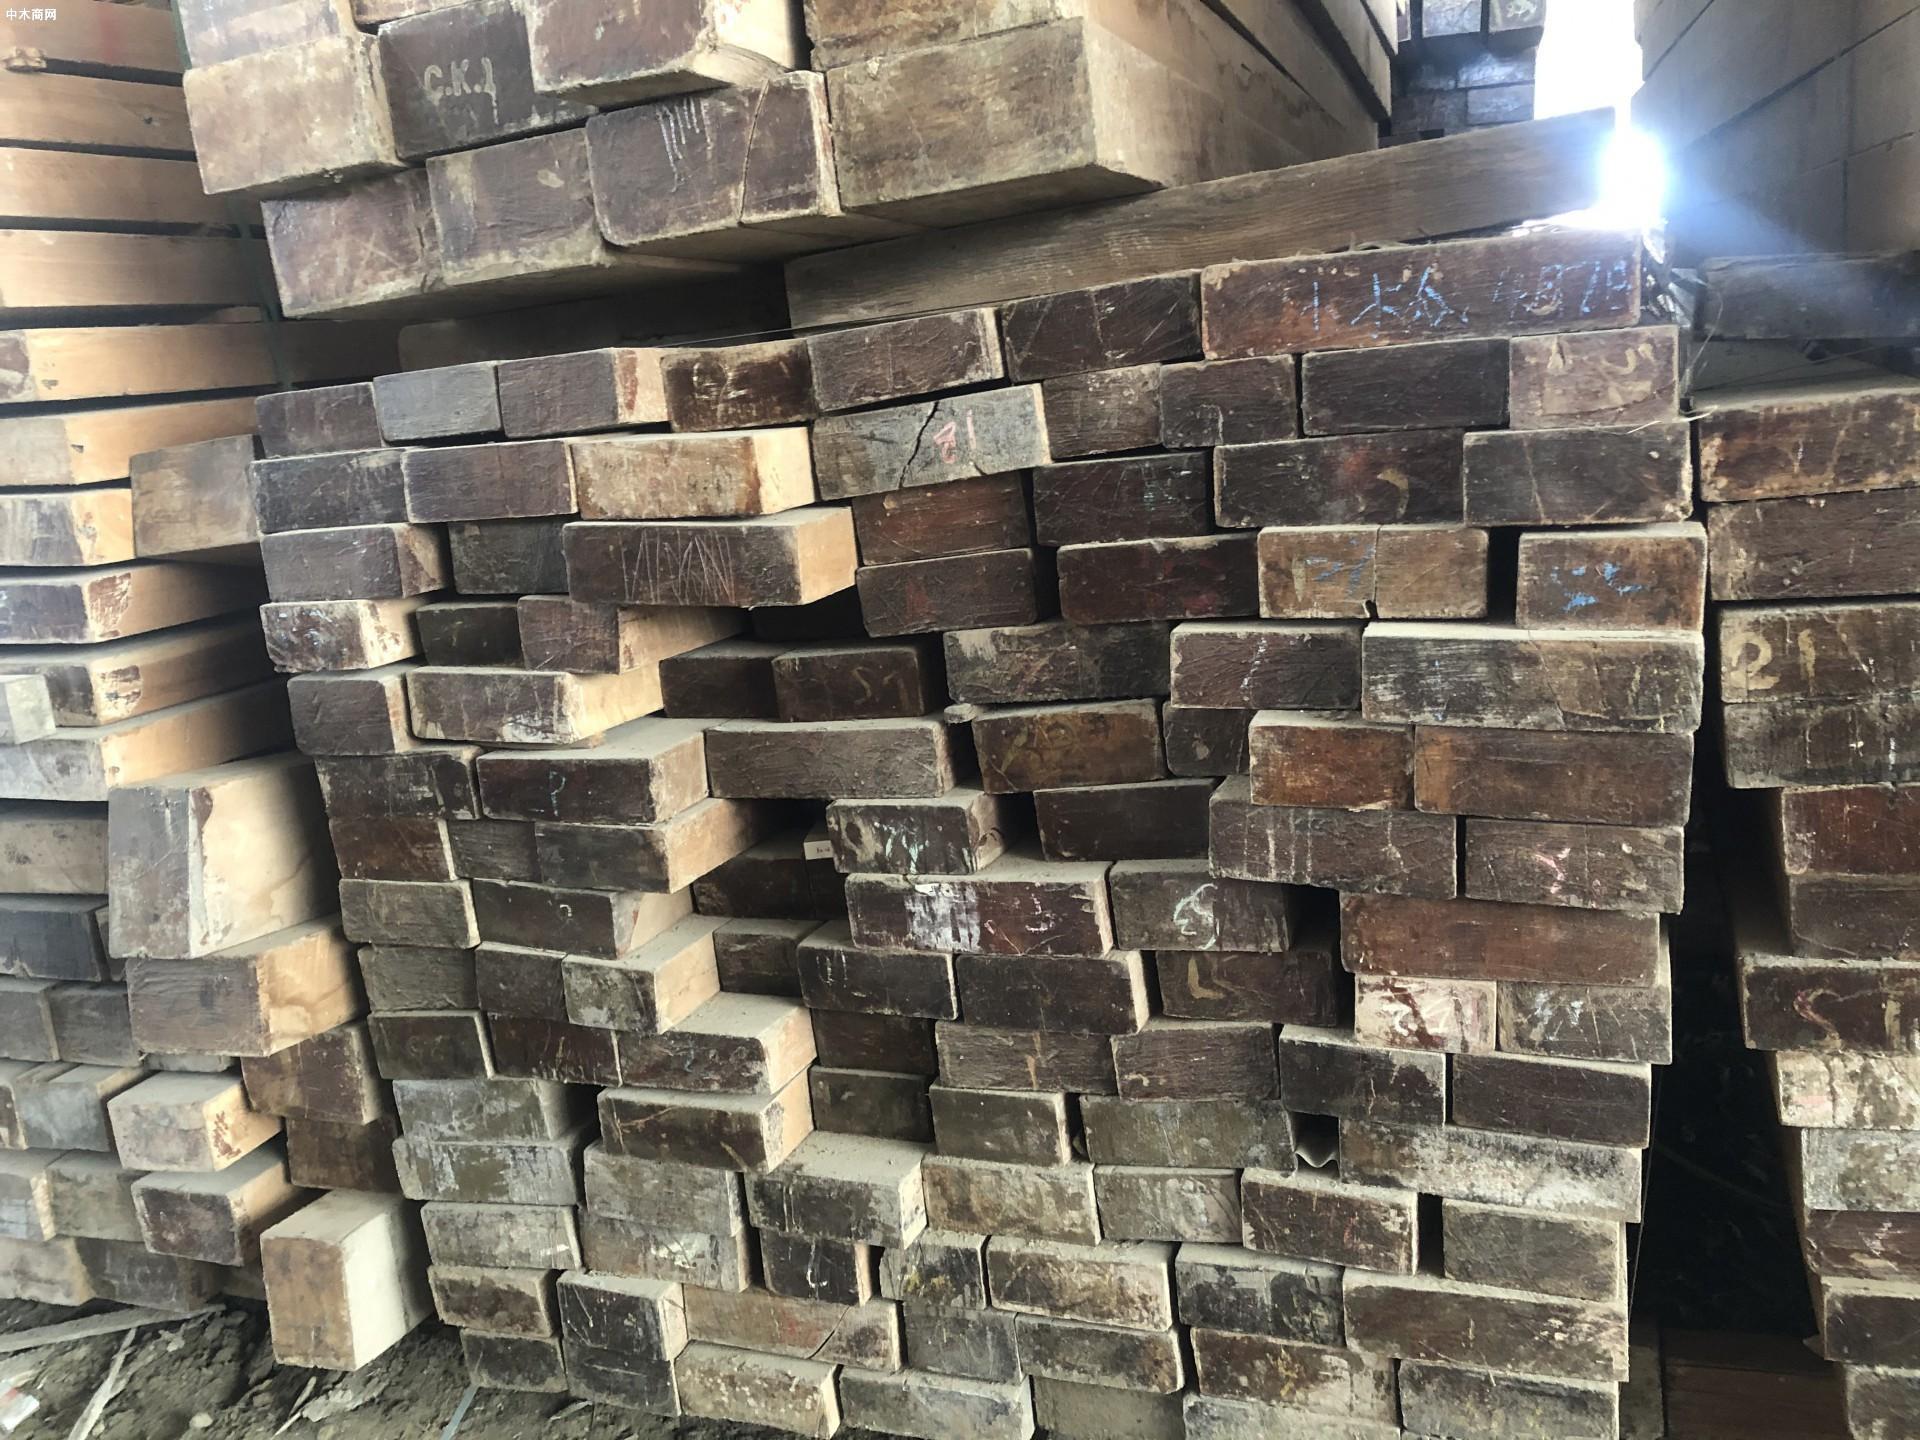 濮阳市林板加工企业及家具企业达到2300家